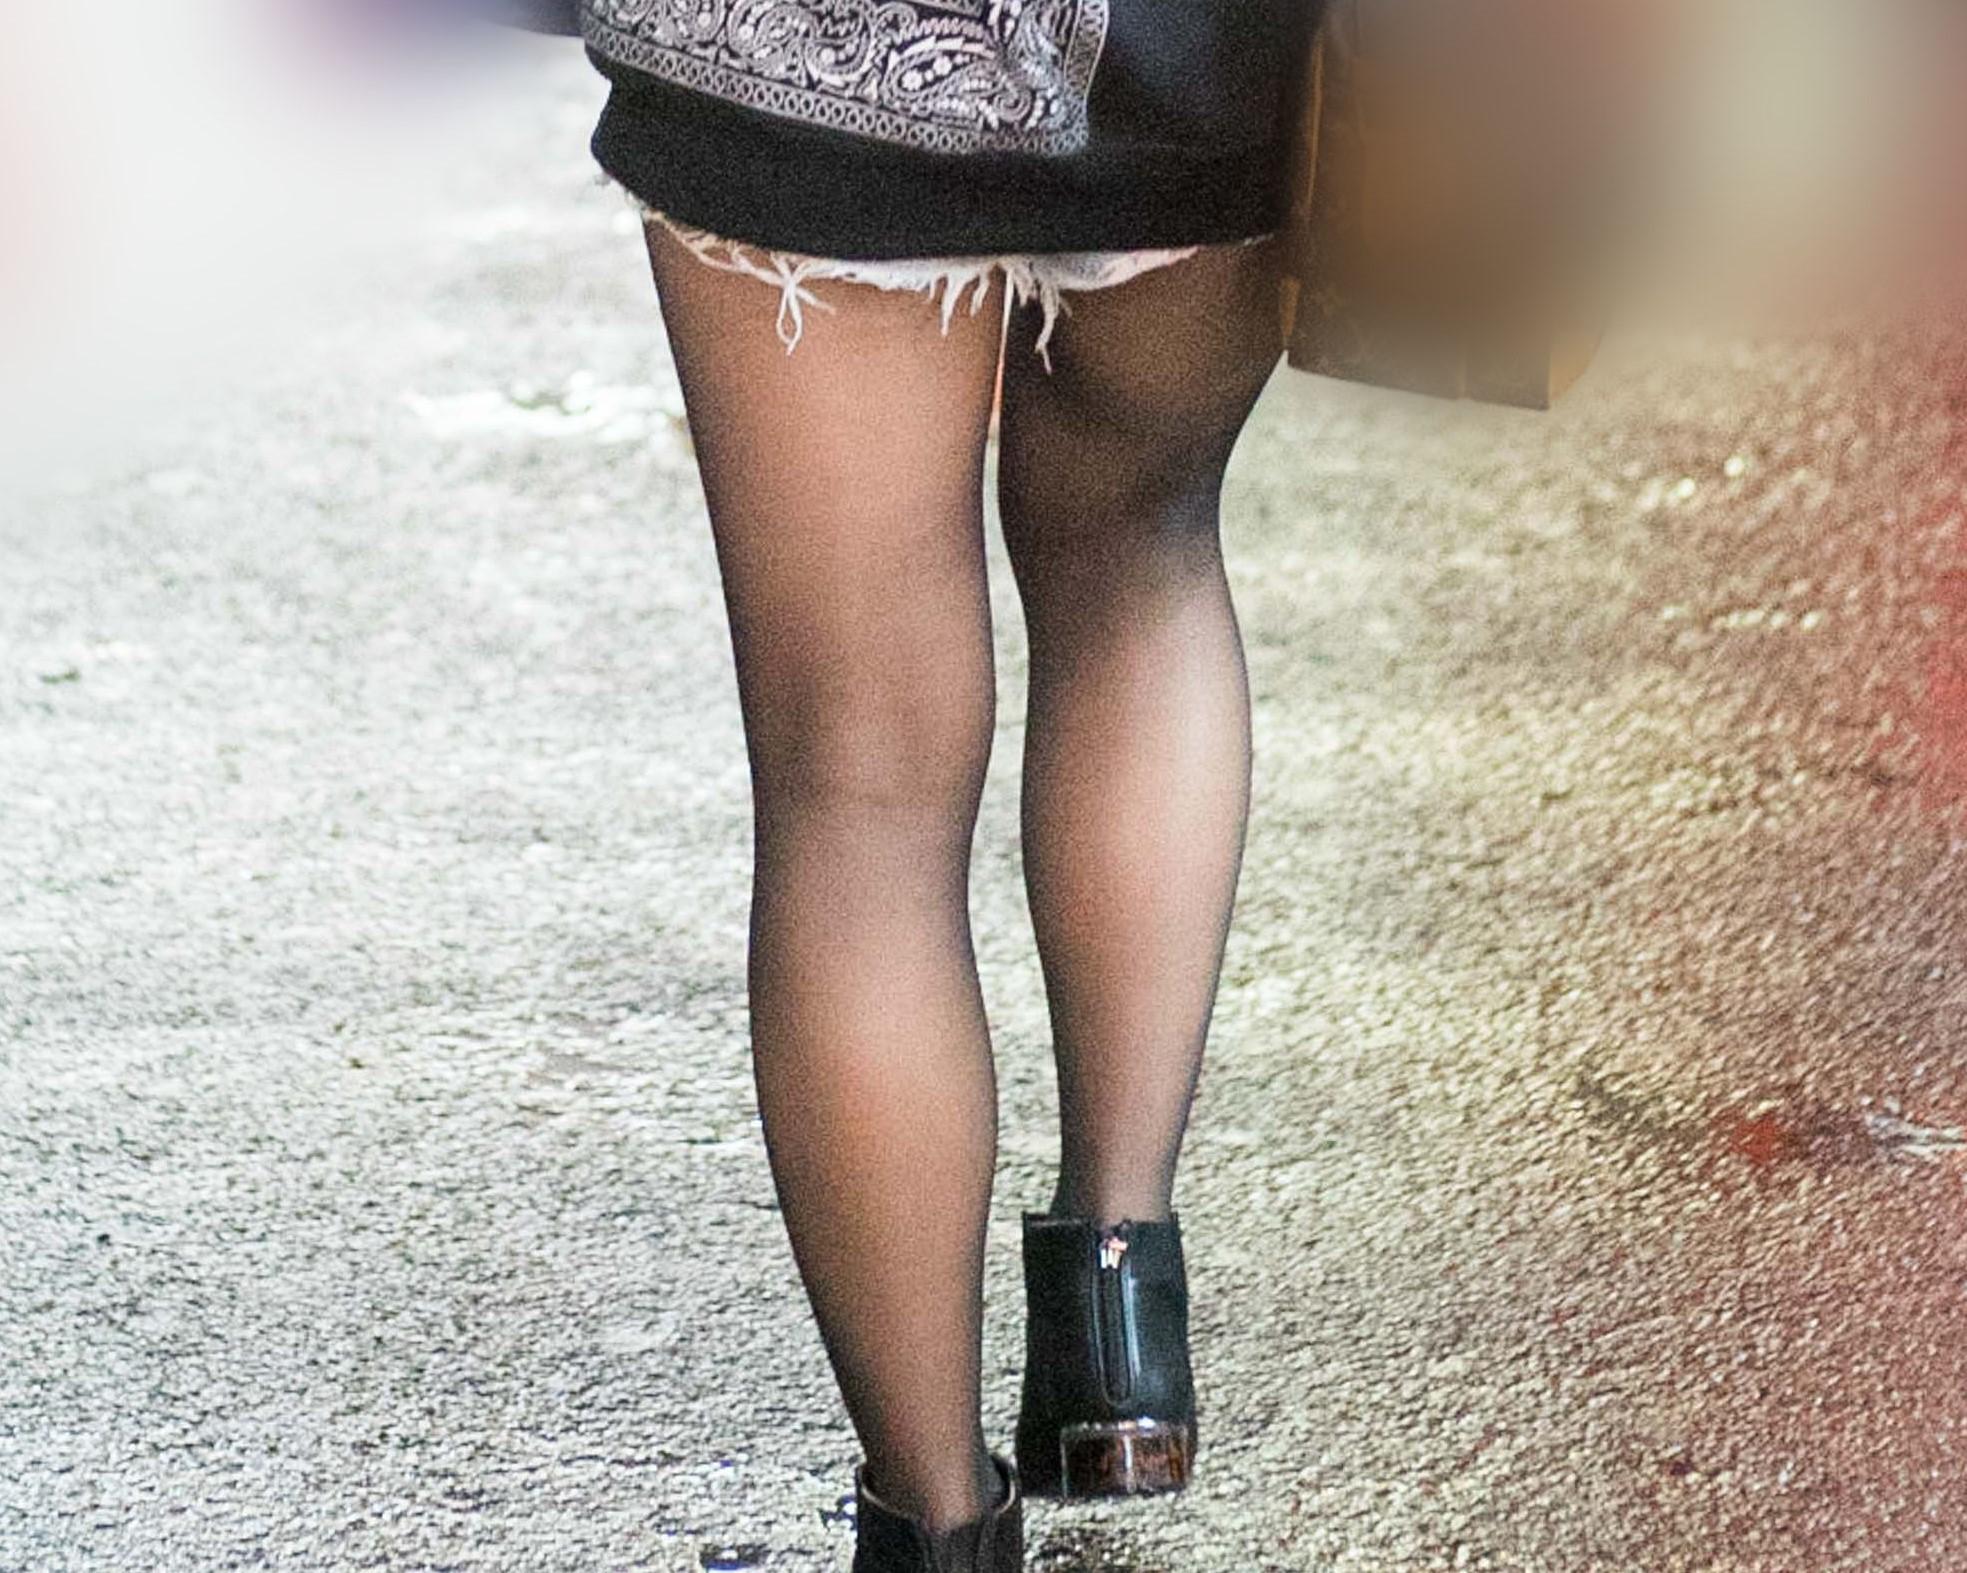 ホットパンツから延びる肉付きのいい黒スト脚が魅力のお嬢さん